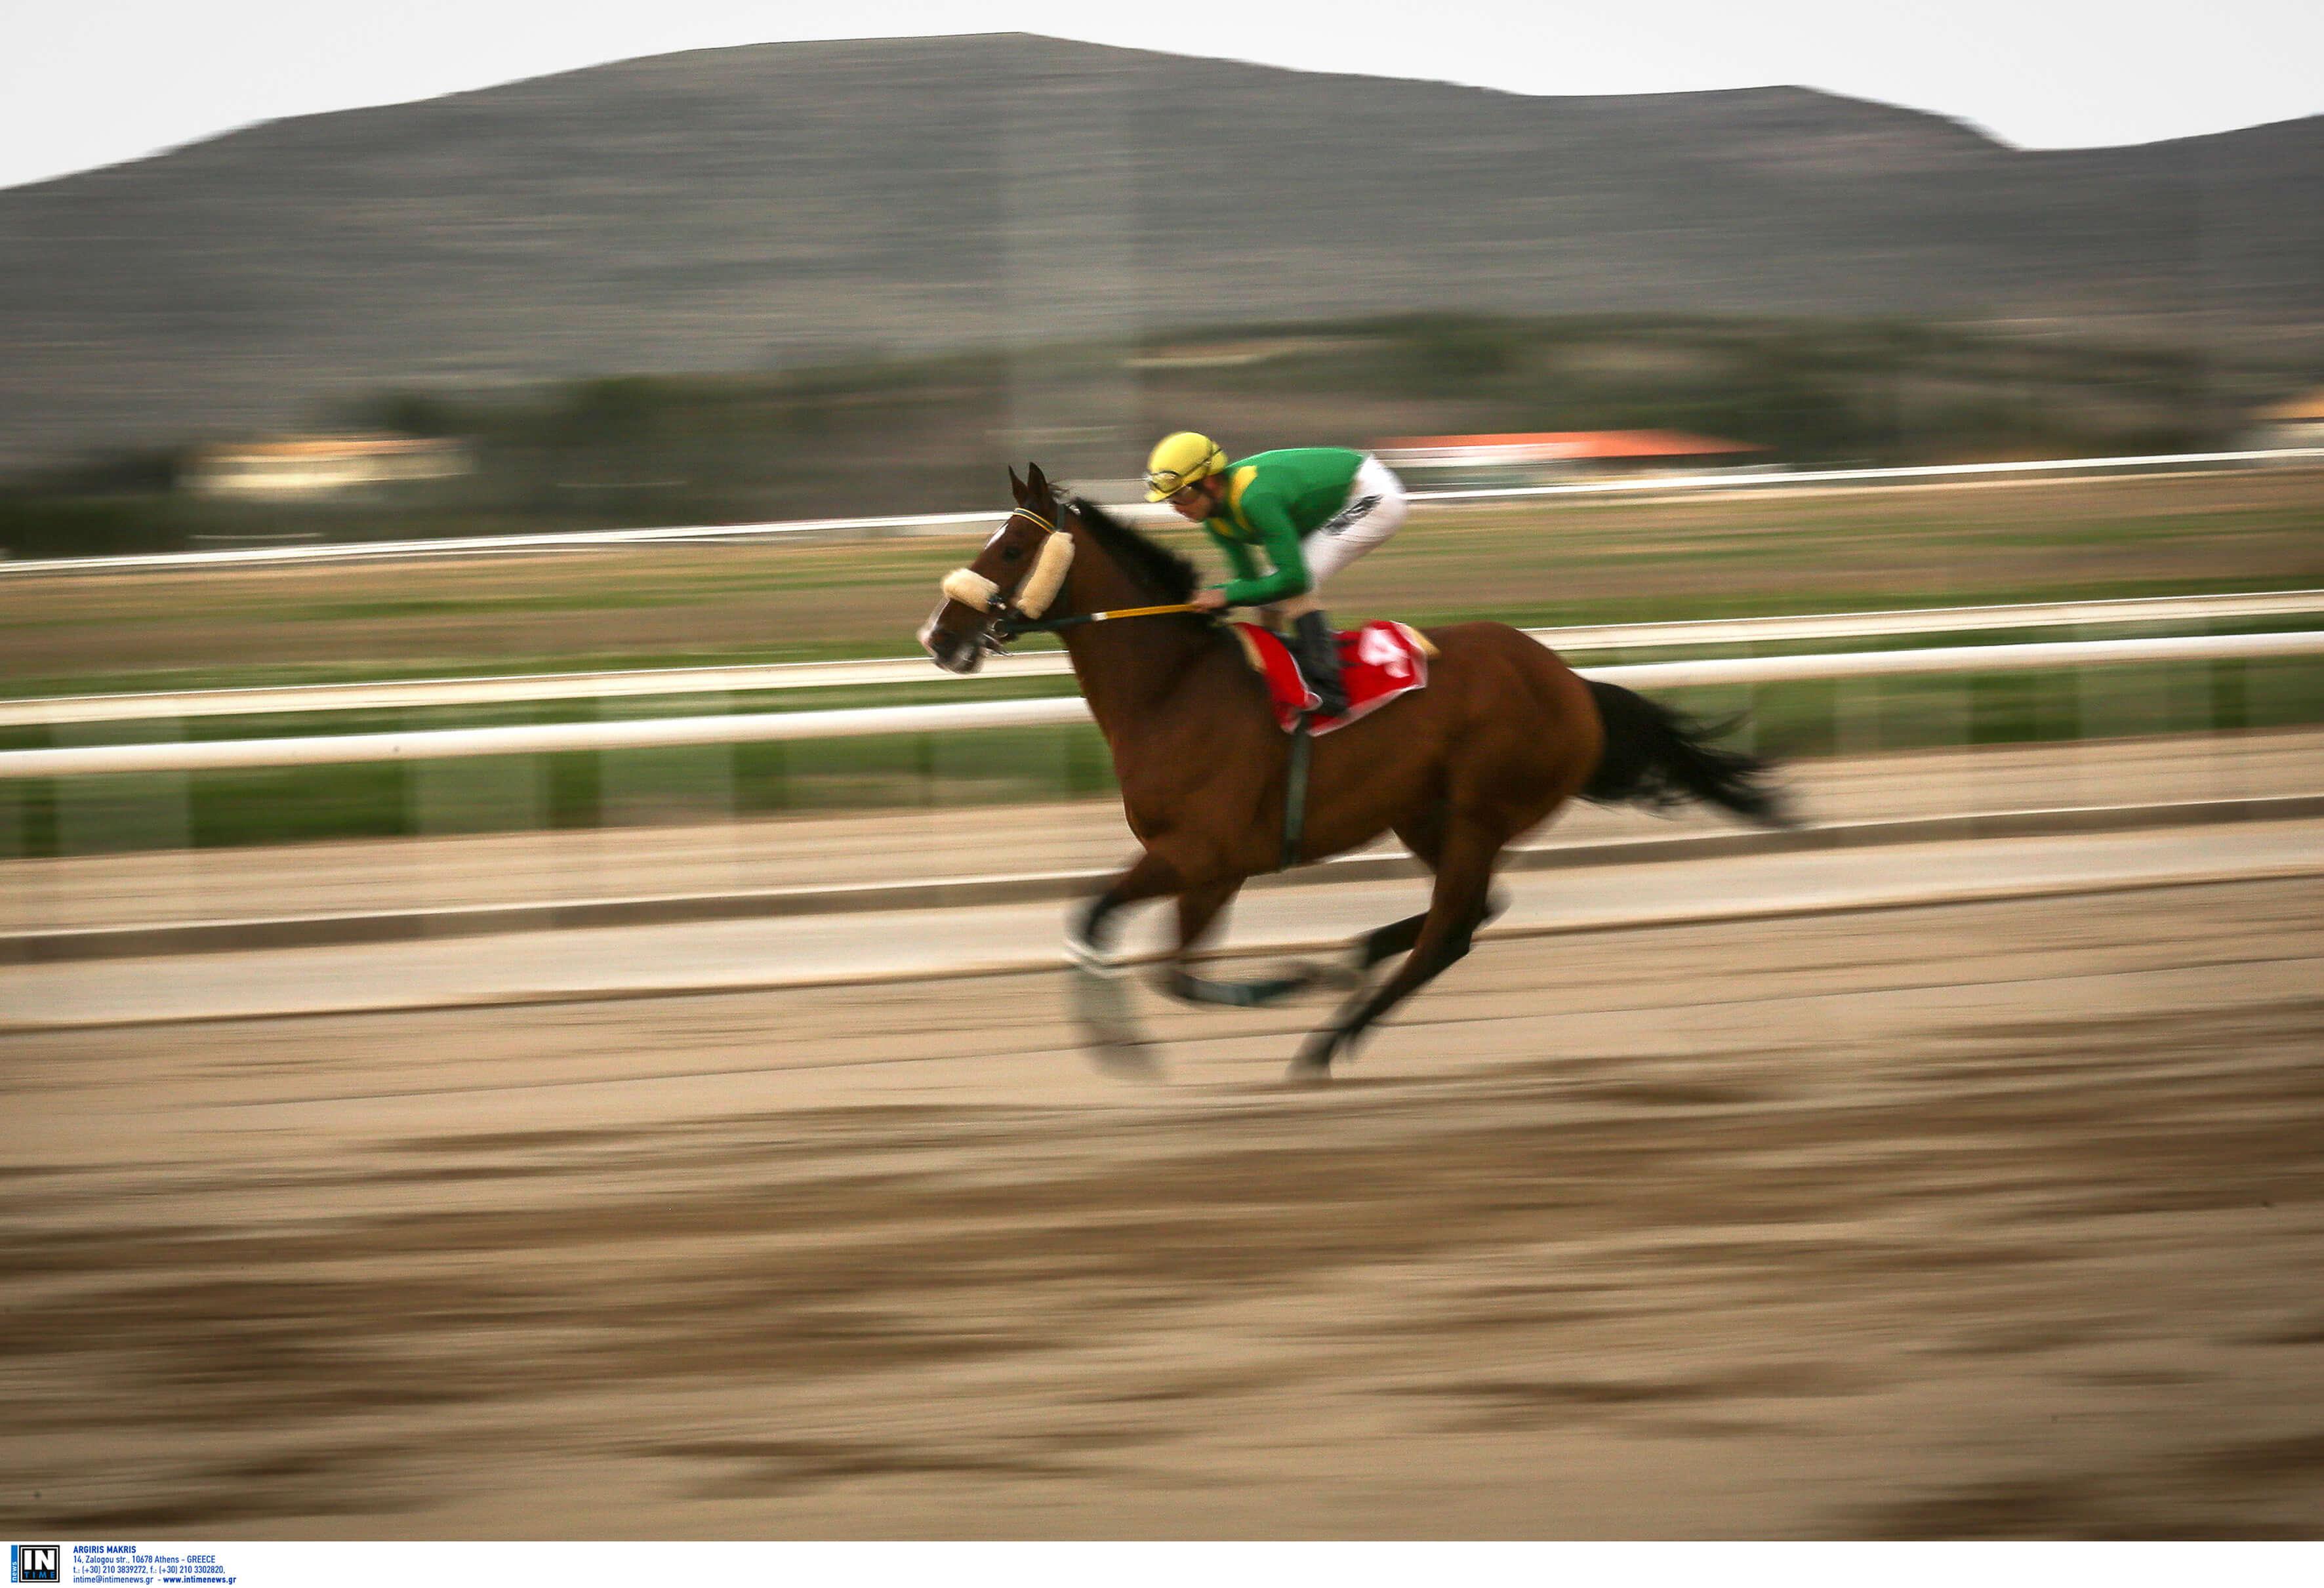 Ναι» στο αθλητικό νομοσχέδιο από την πλειοψηφία της ιπποδρομιακής κοινότητας